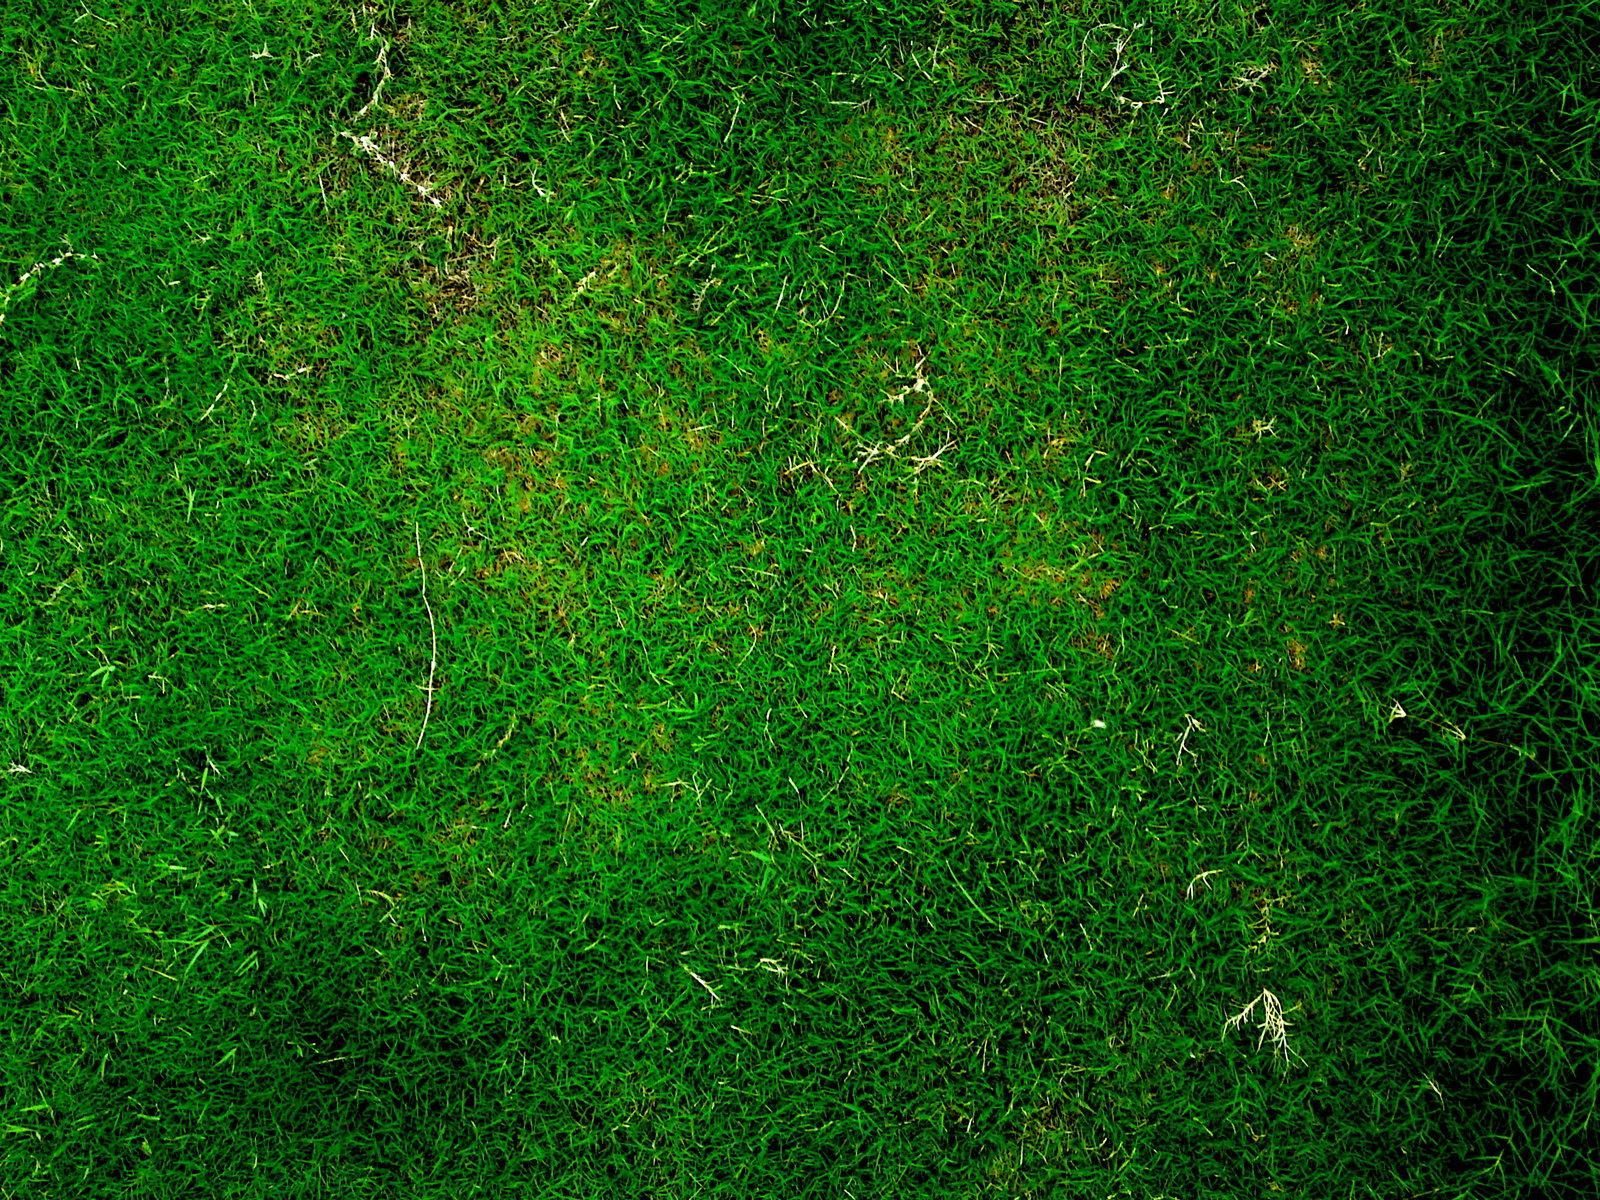 grass_texture231.jpg